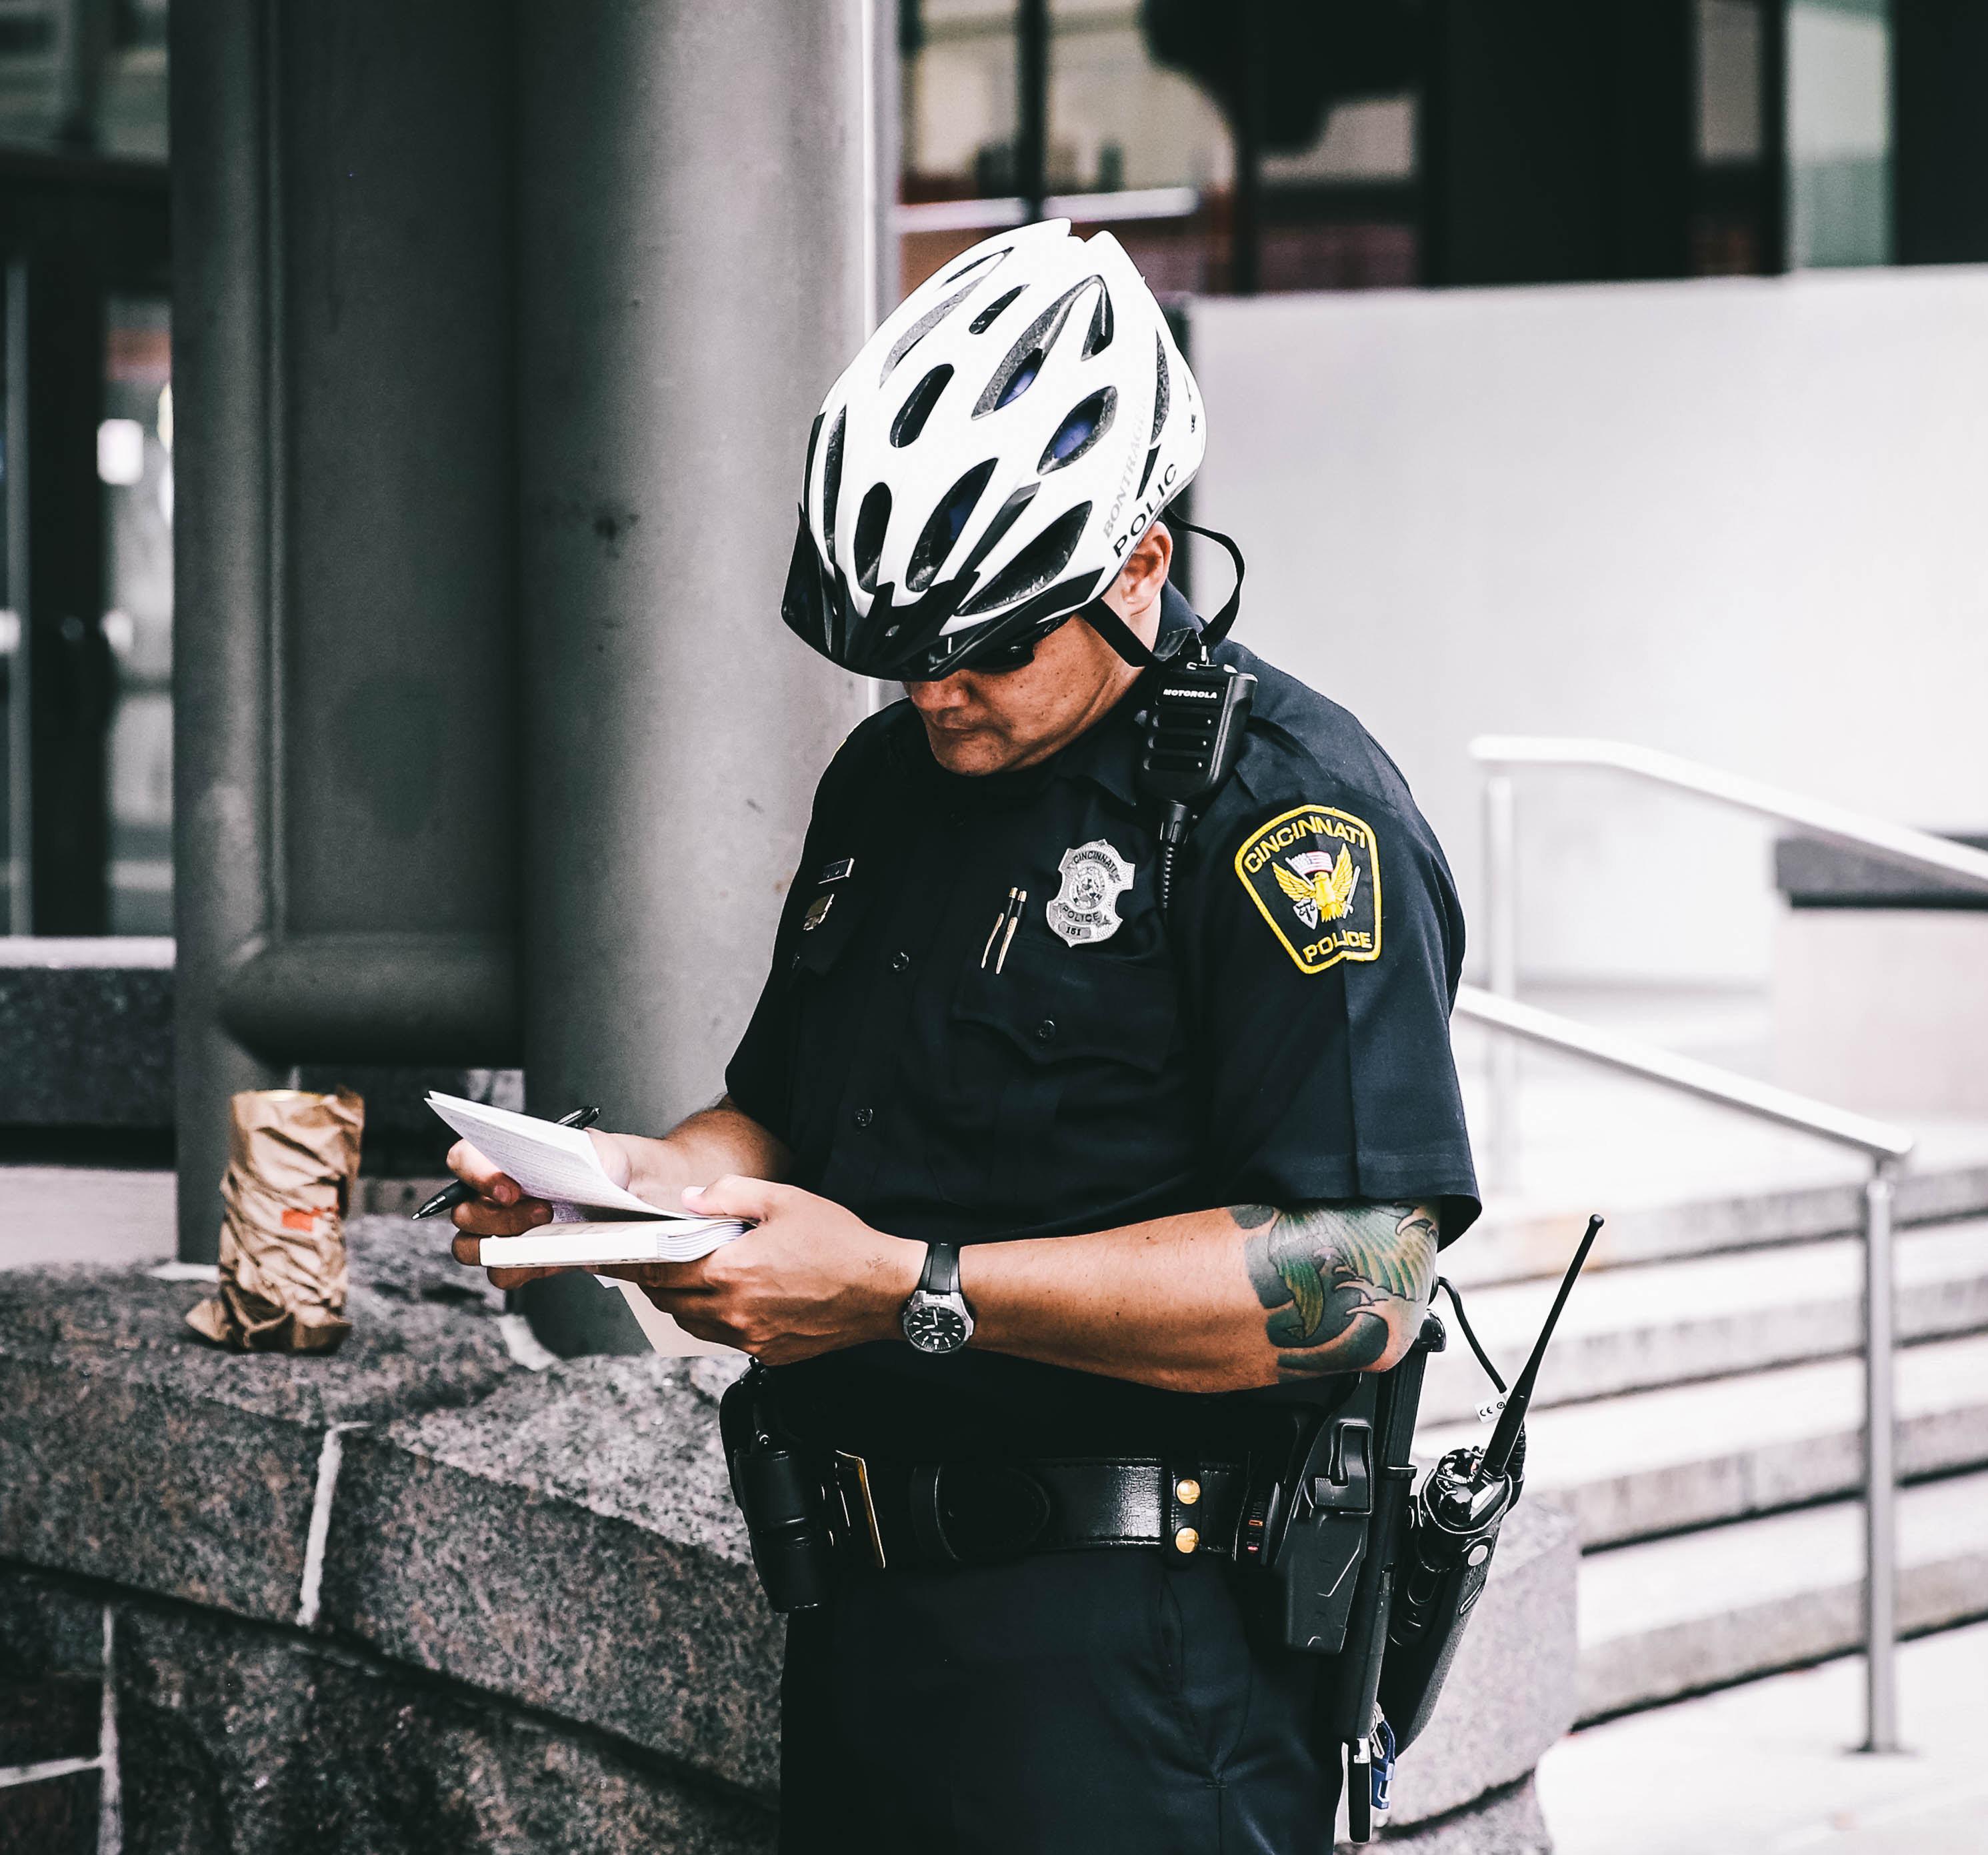 Etats-Unis  - un policier a épargné un contrevenant